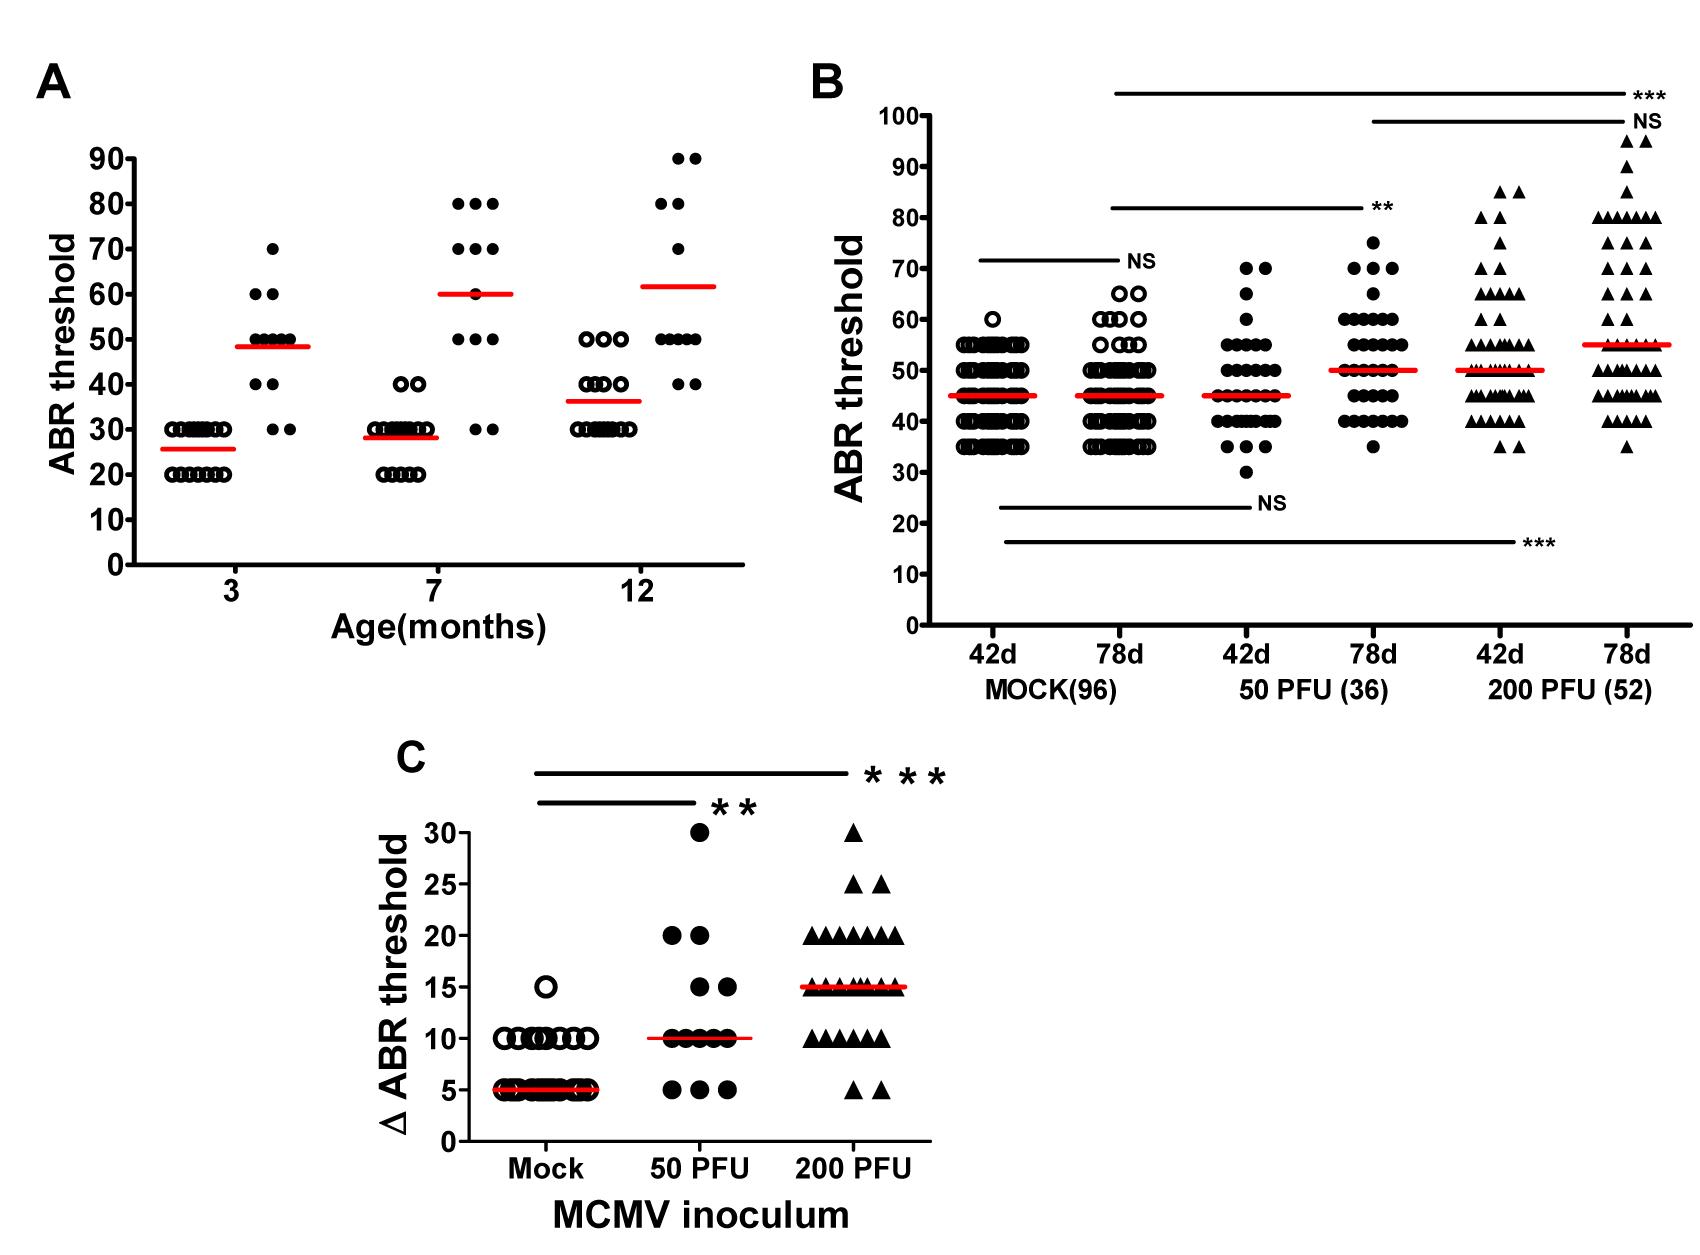 Progressive hearing loss and virus inoculum effect on progression of hearing loss in MCMV infected mice.